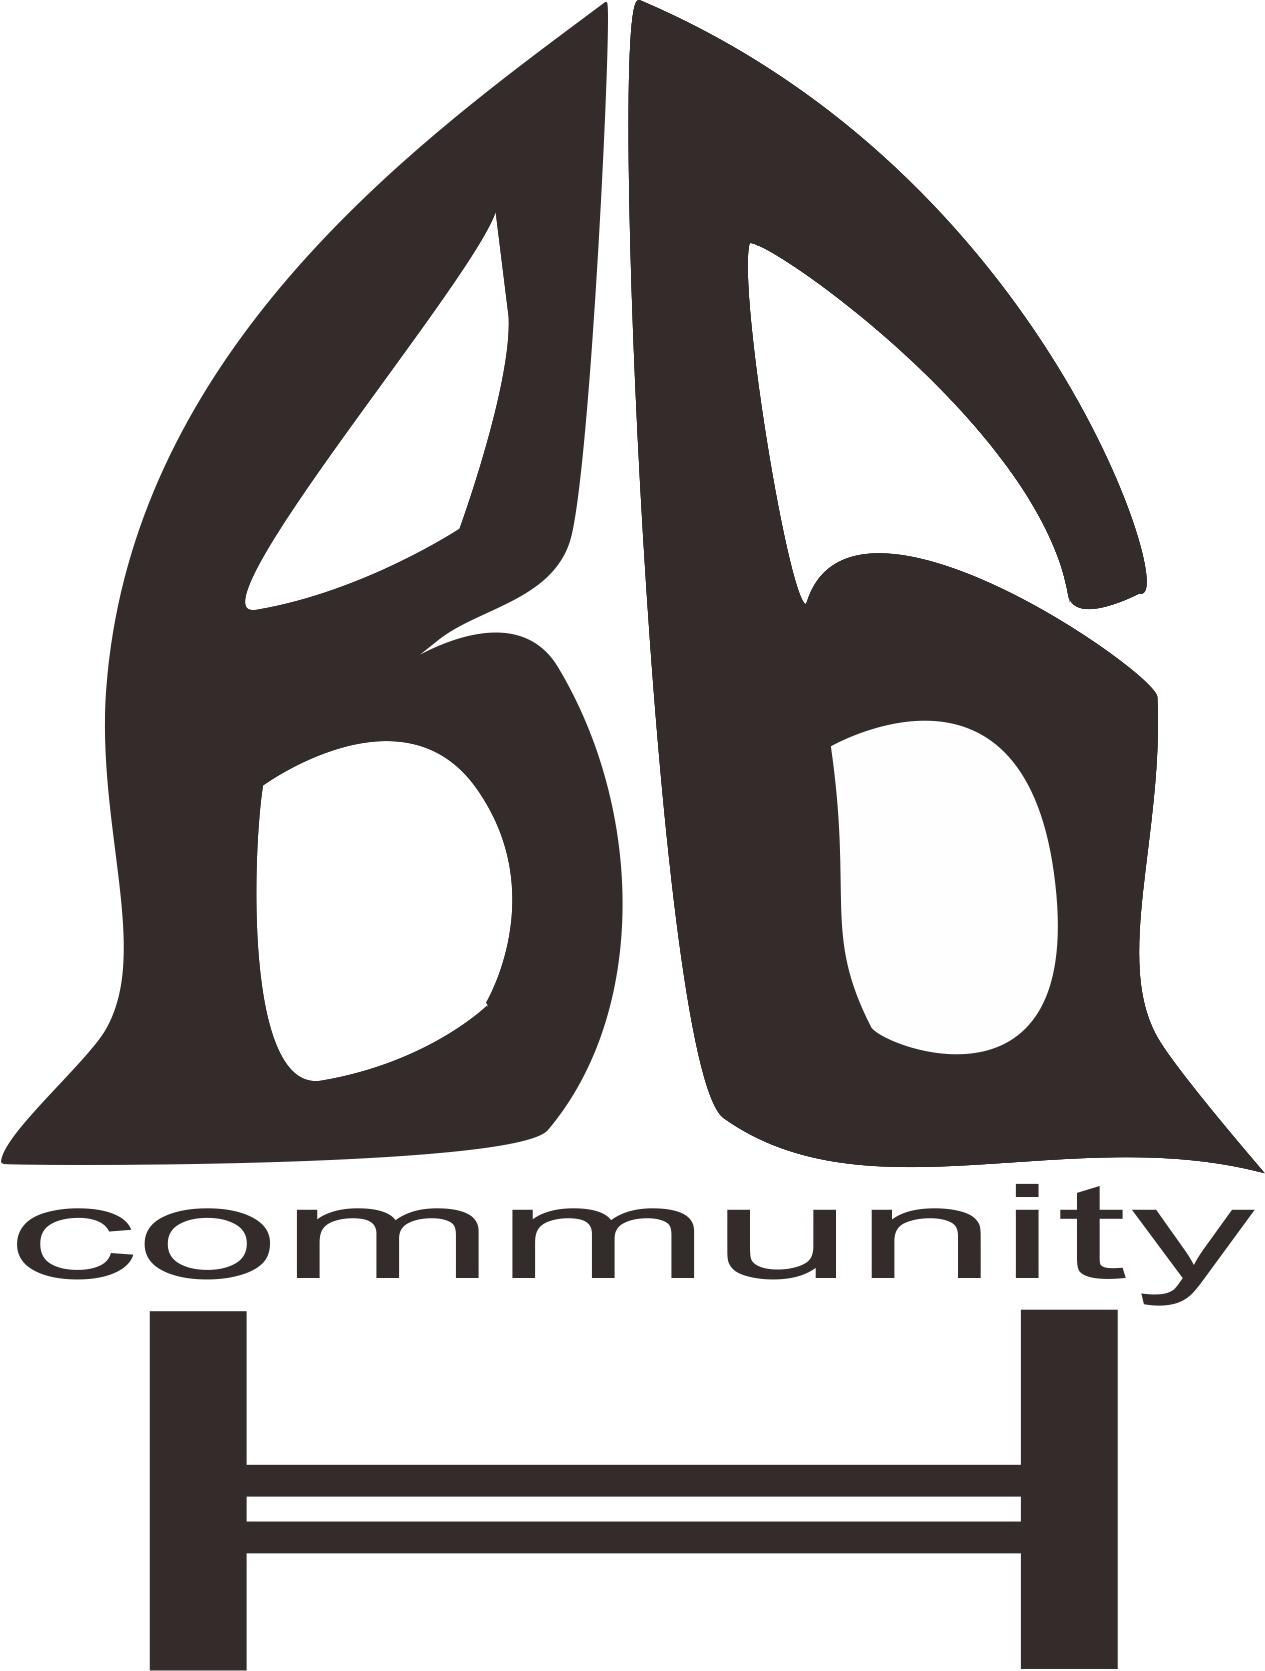 logo komunitas bumigora